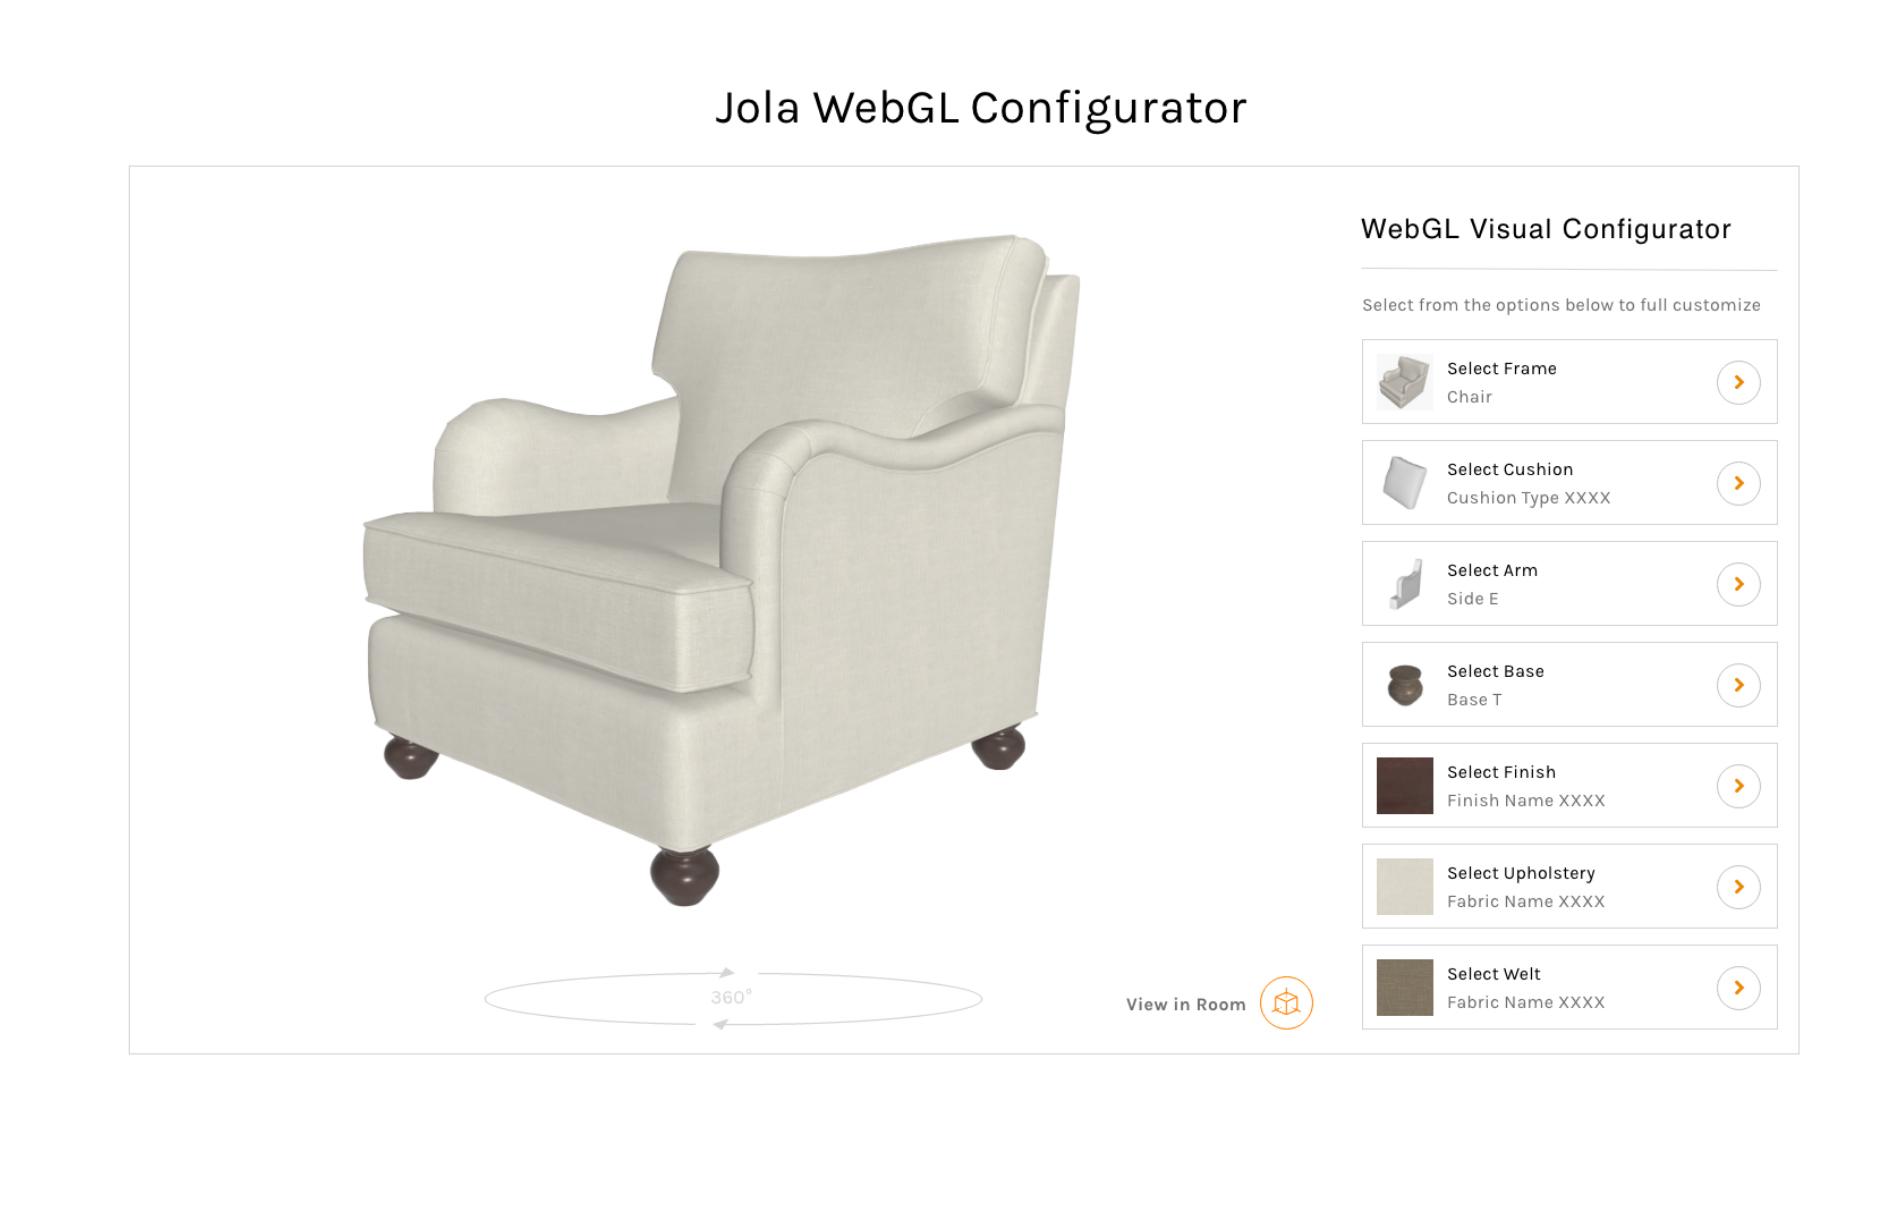 webgl-configurator